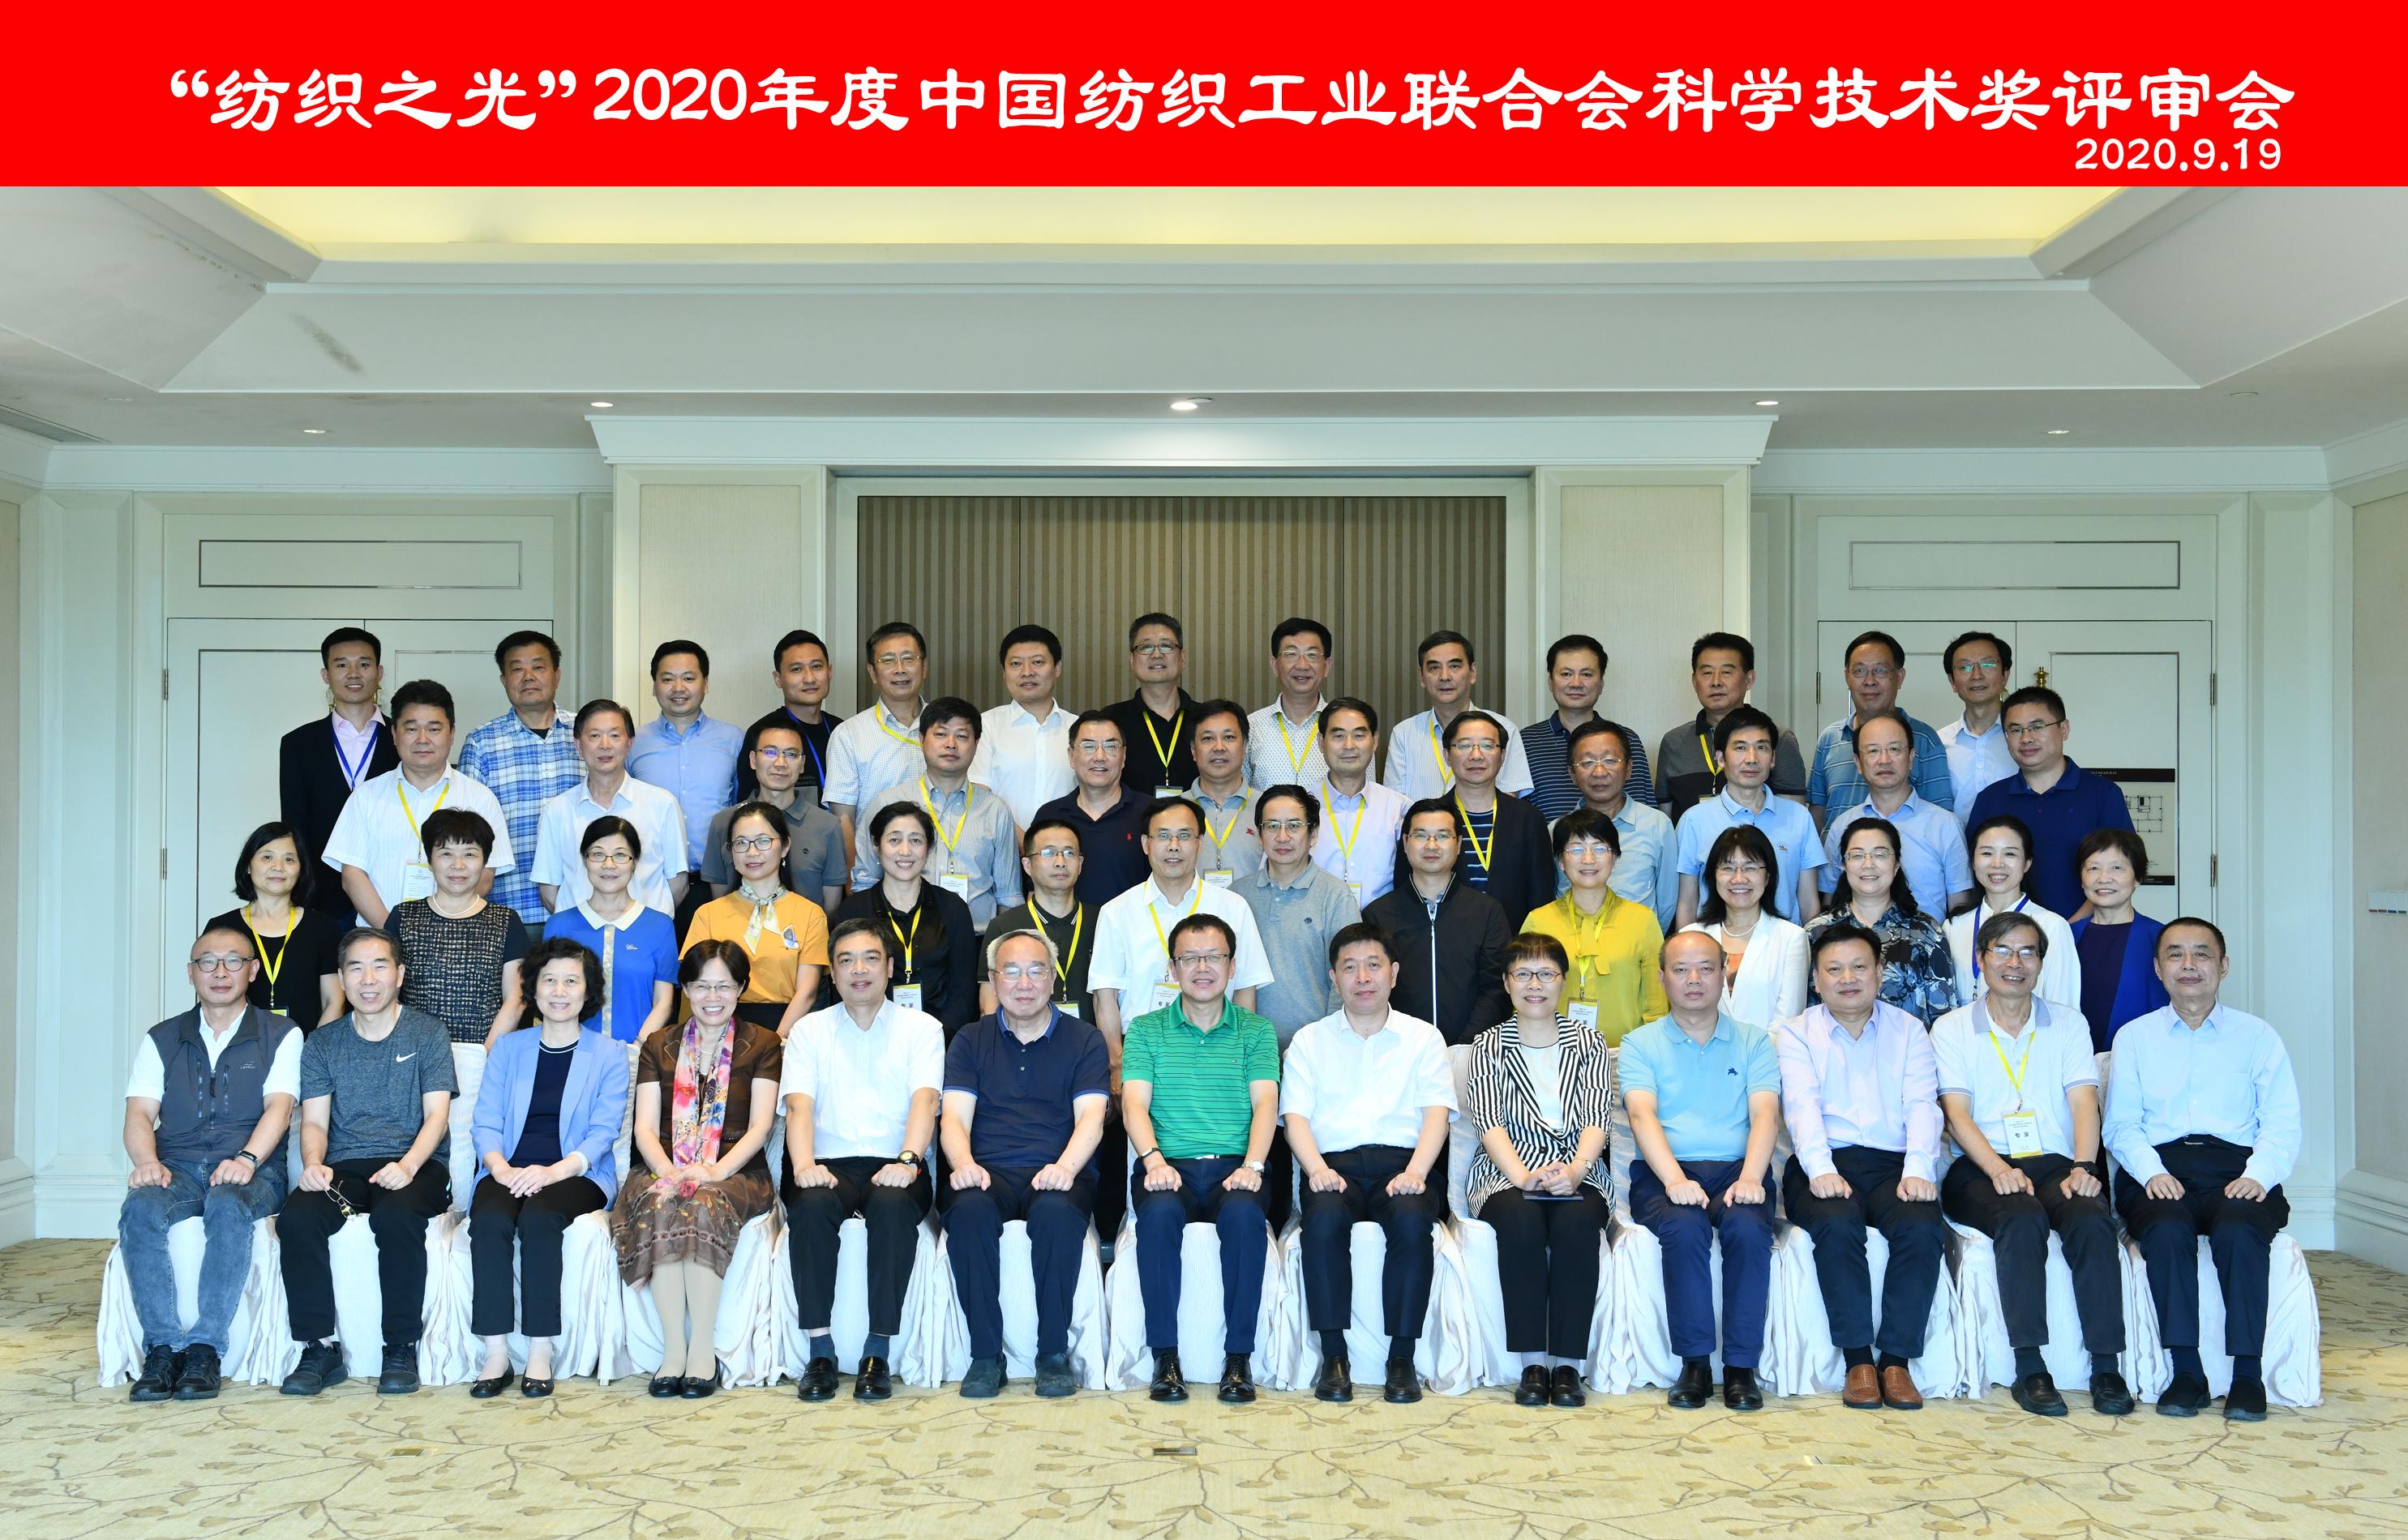 """""""纺织之光""""2020年度中国纺织工业联合会科学技术奖评审会"""